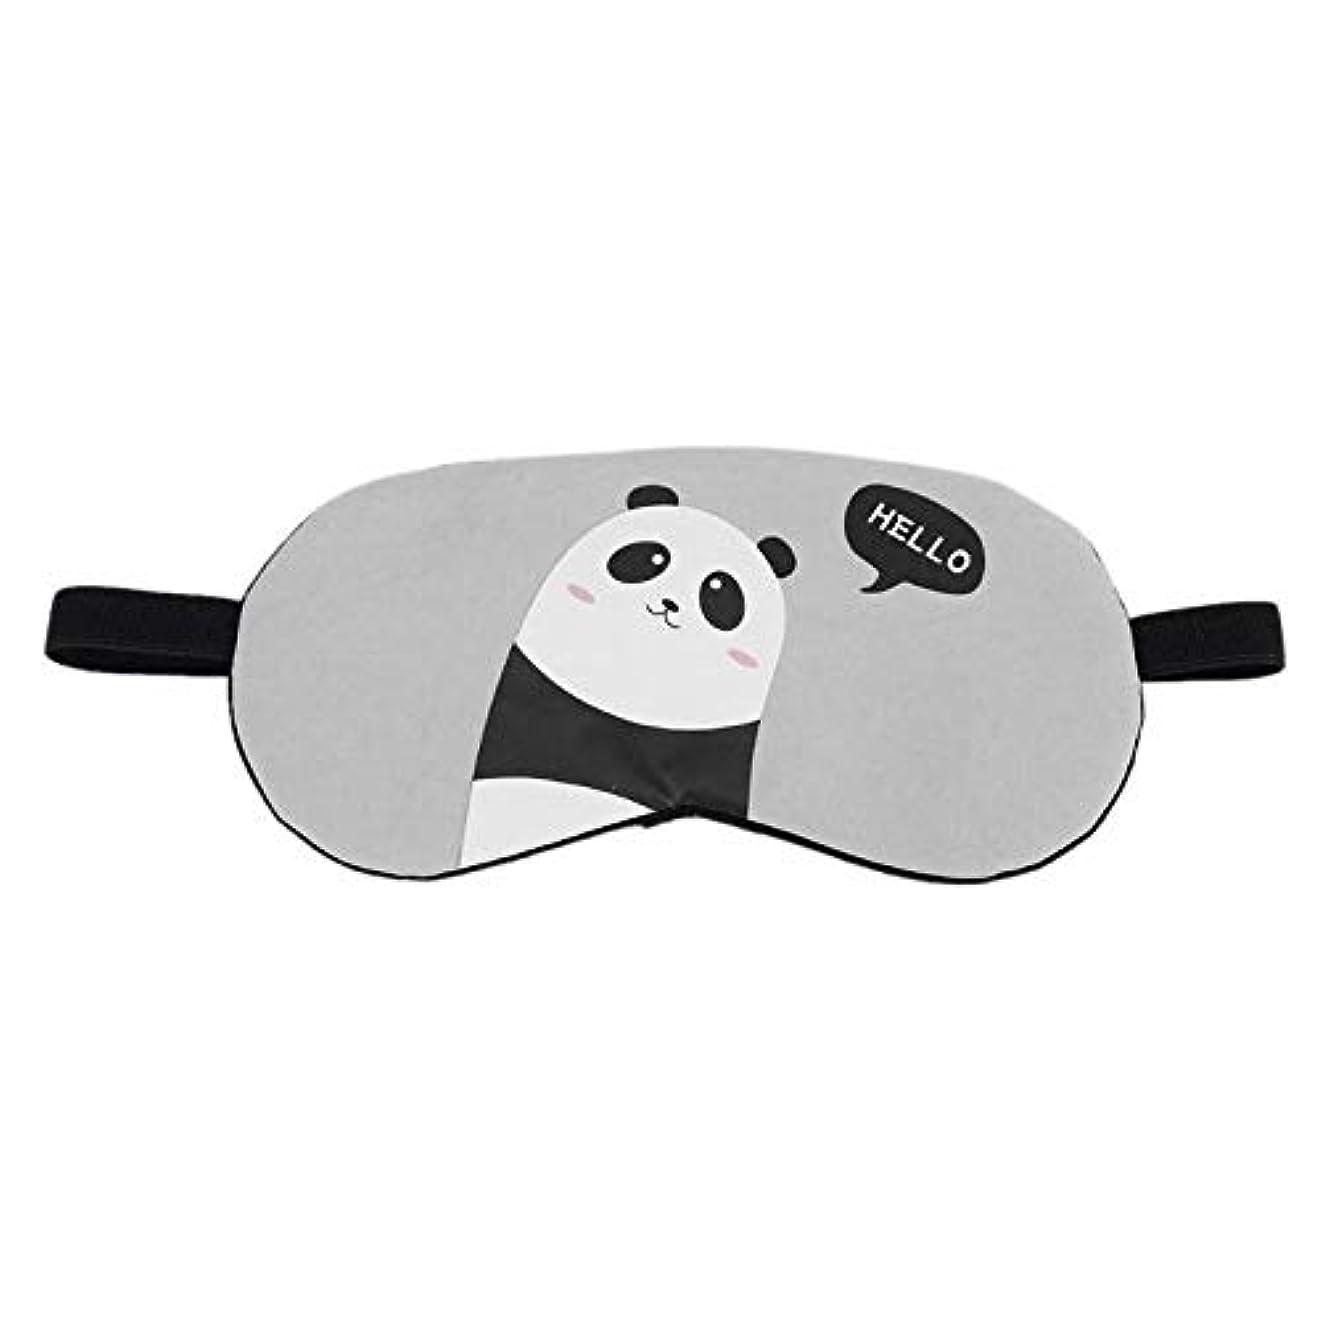 コントラストグリーンランド咽頭NOTE 漫画睡眠アイシェードカバーアイ疲労軽減アイマスクアイスバッグアイパッチアイシェードカバーポータブル目隠し旅行アイパッチ